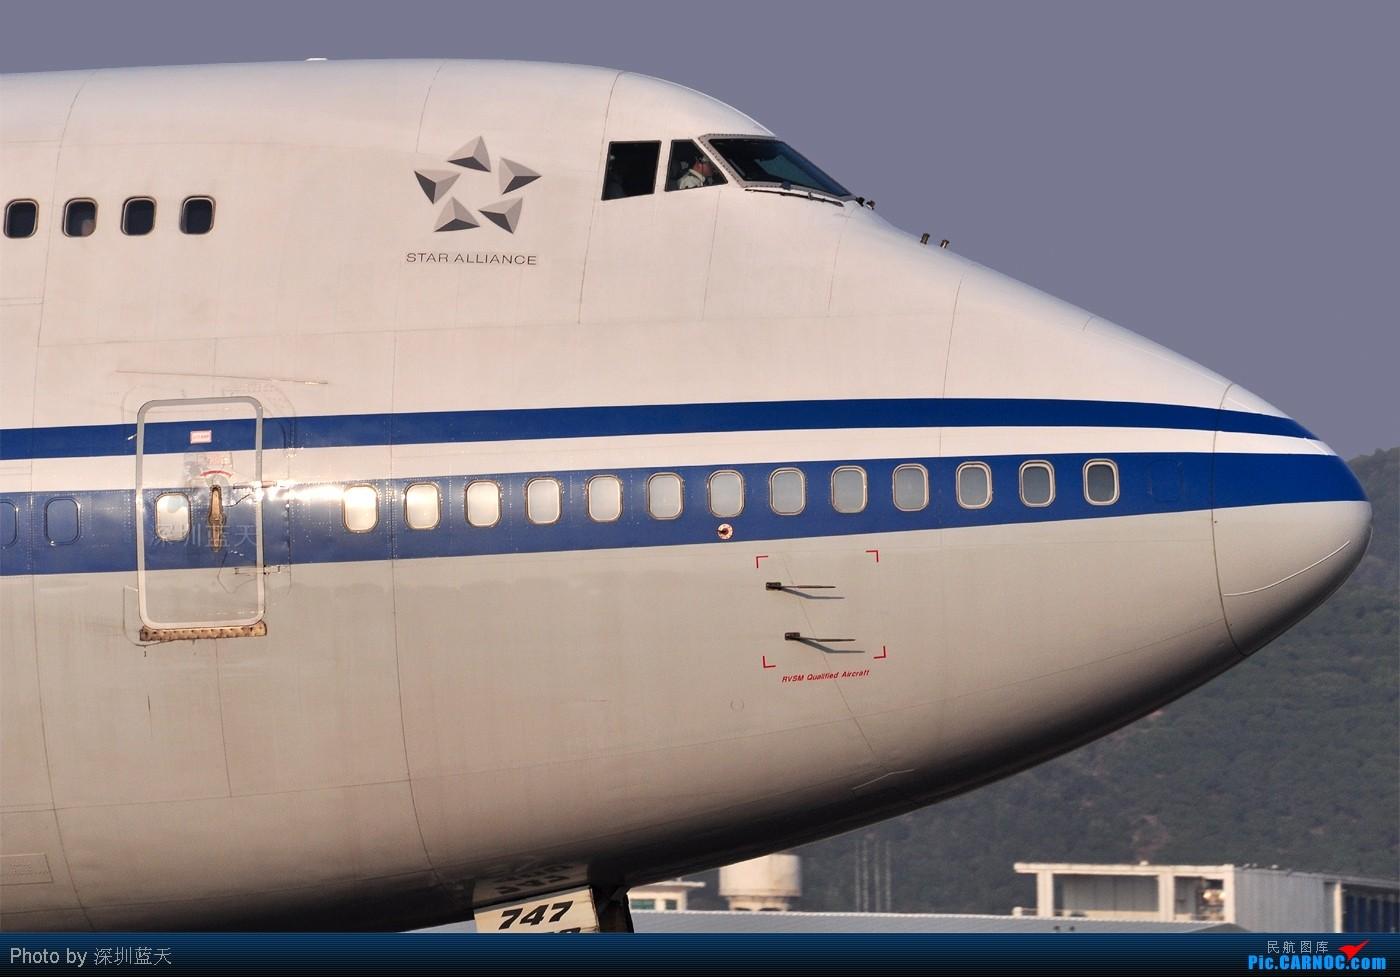 Re:[原创]【深圳飞友会】国航篇!在深圳,两架国航747同时出现在一张图里机会算是罕见的!还有黄牡丹和蓝牡丹一起祝大家新年快乐! BOEING 747-400 B-2467 中国深圳宝安机场